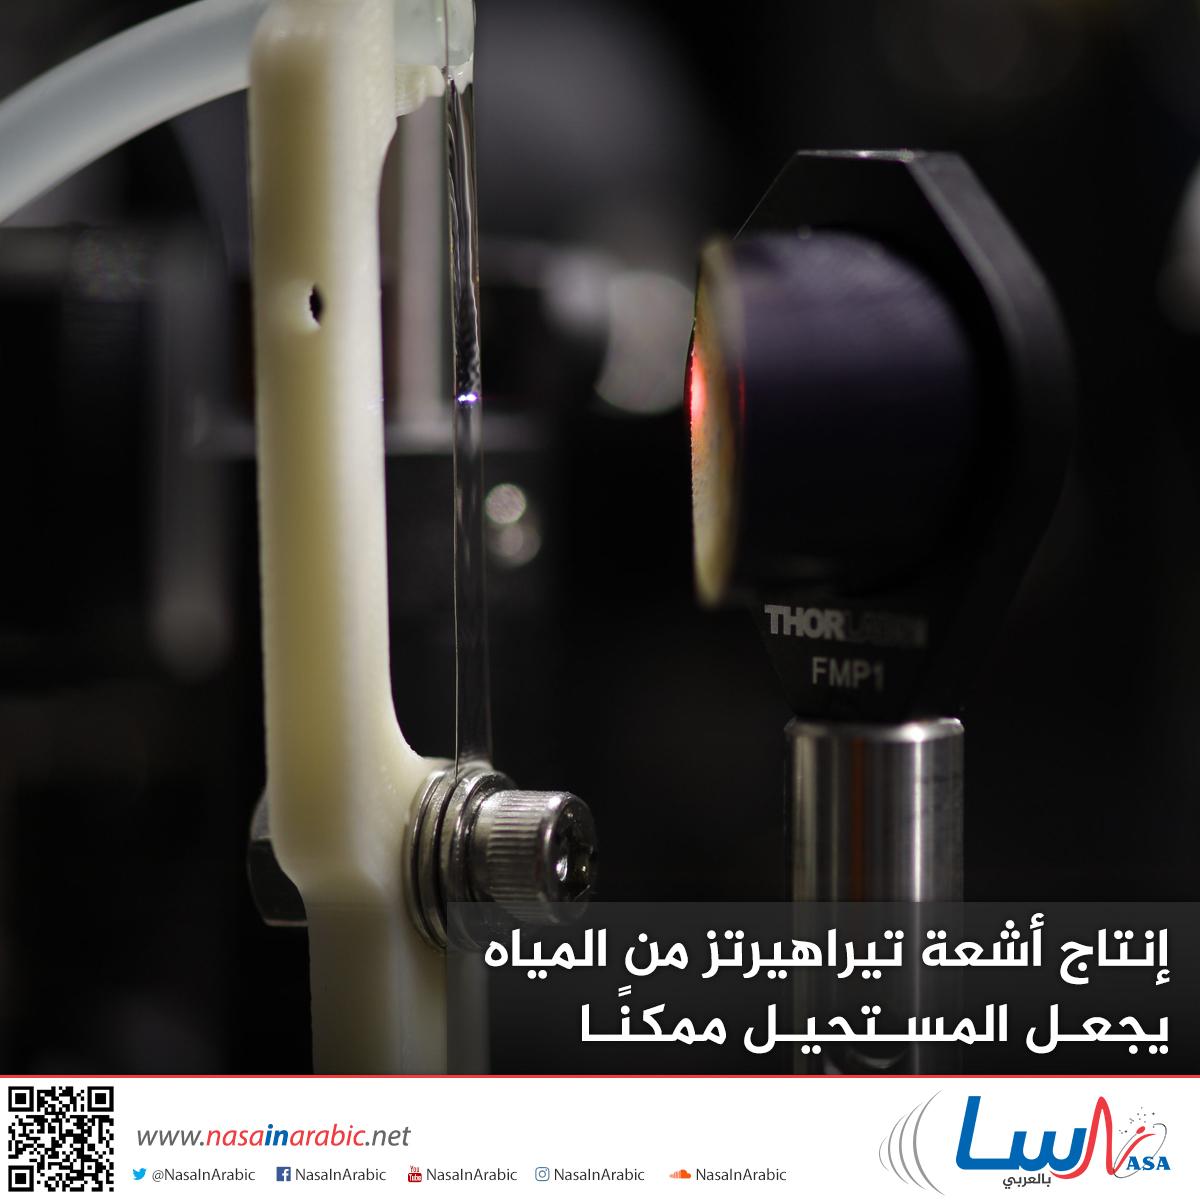 إنتاج أشعة تيراهيرتز من المياه يجعل المستحيل ممكنًا